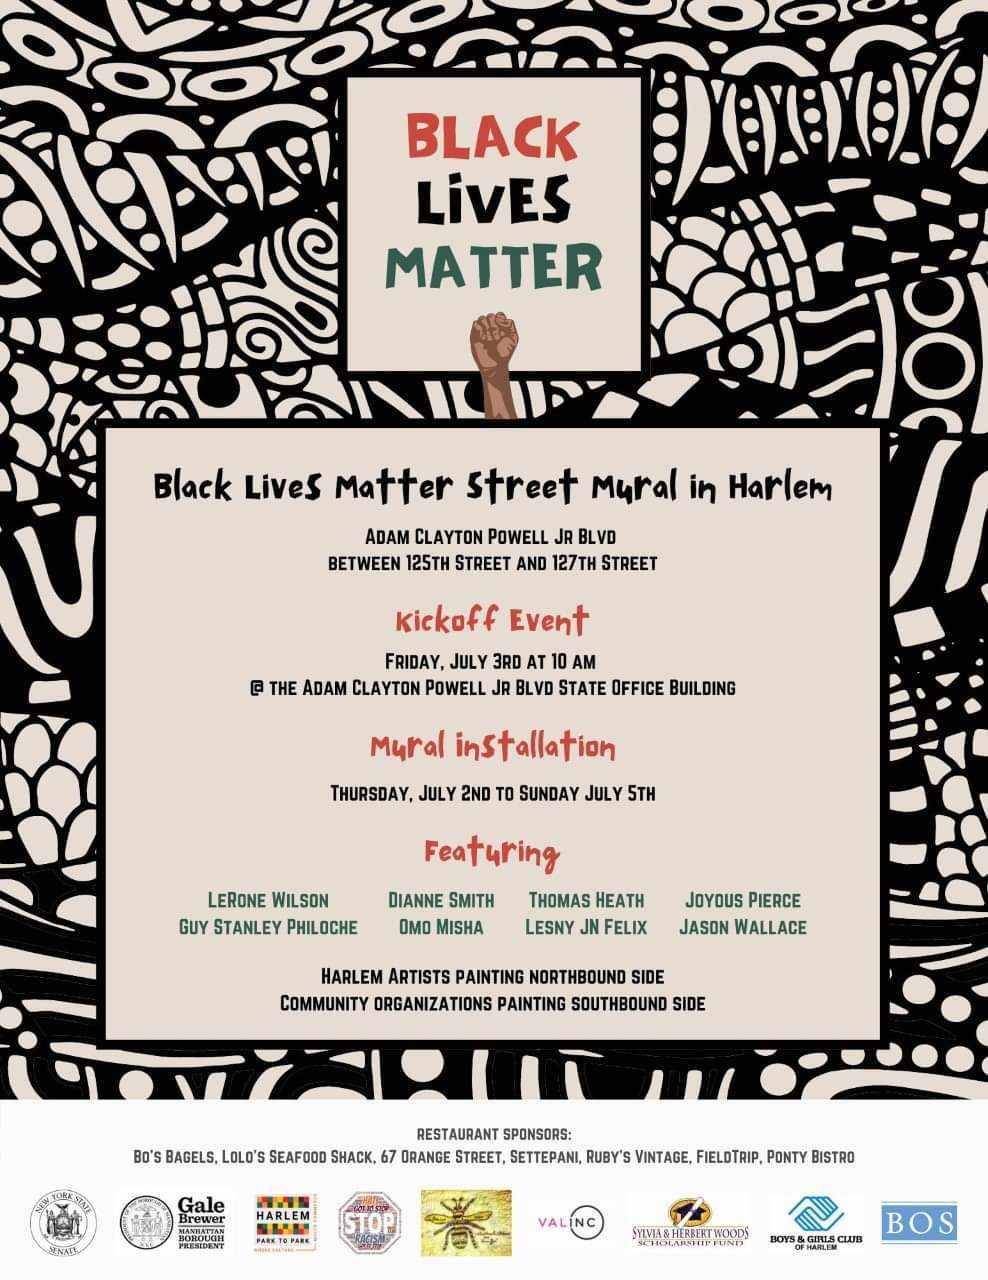 Harlem's Black Lives Matter street mural installation kicks off this Friday